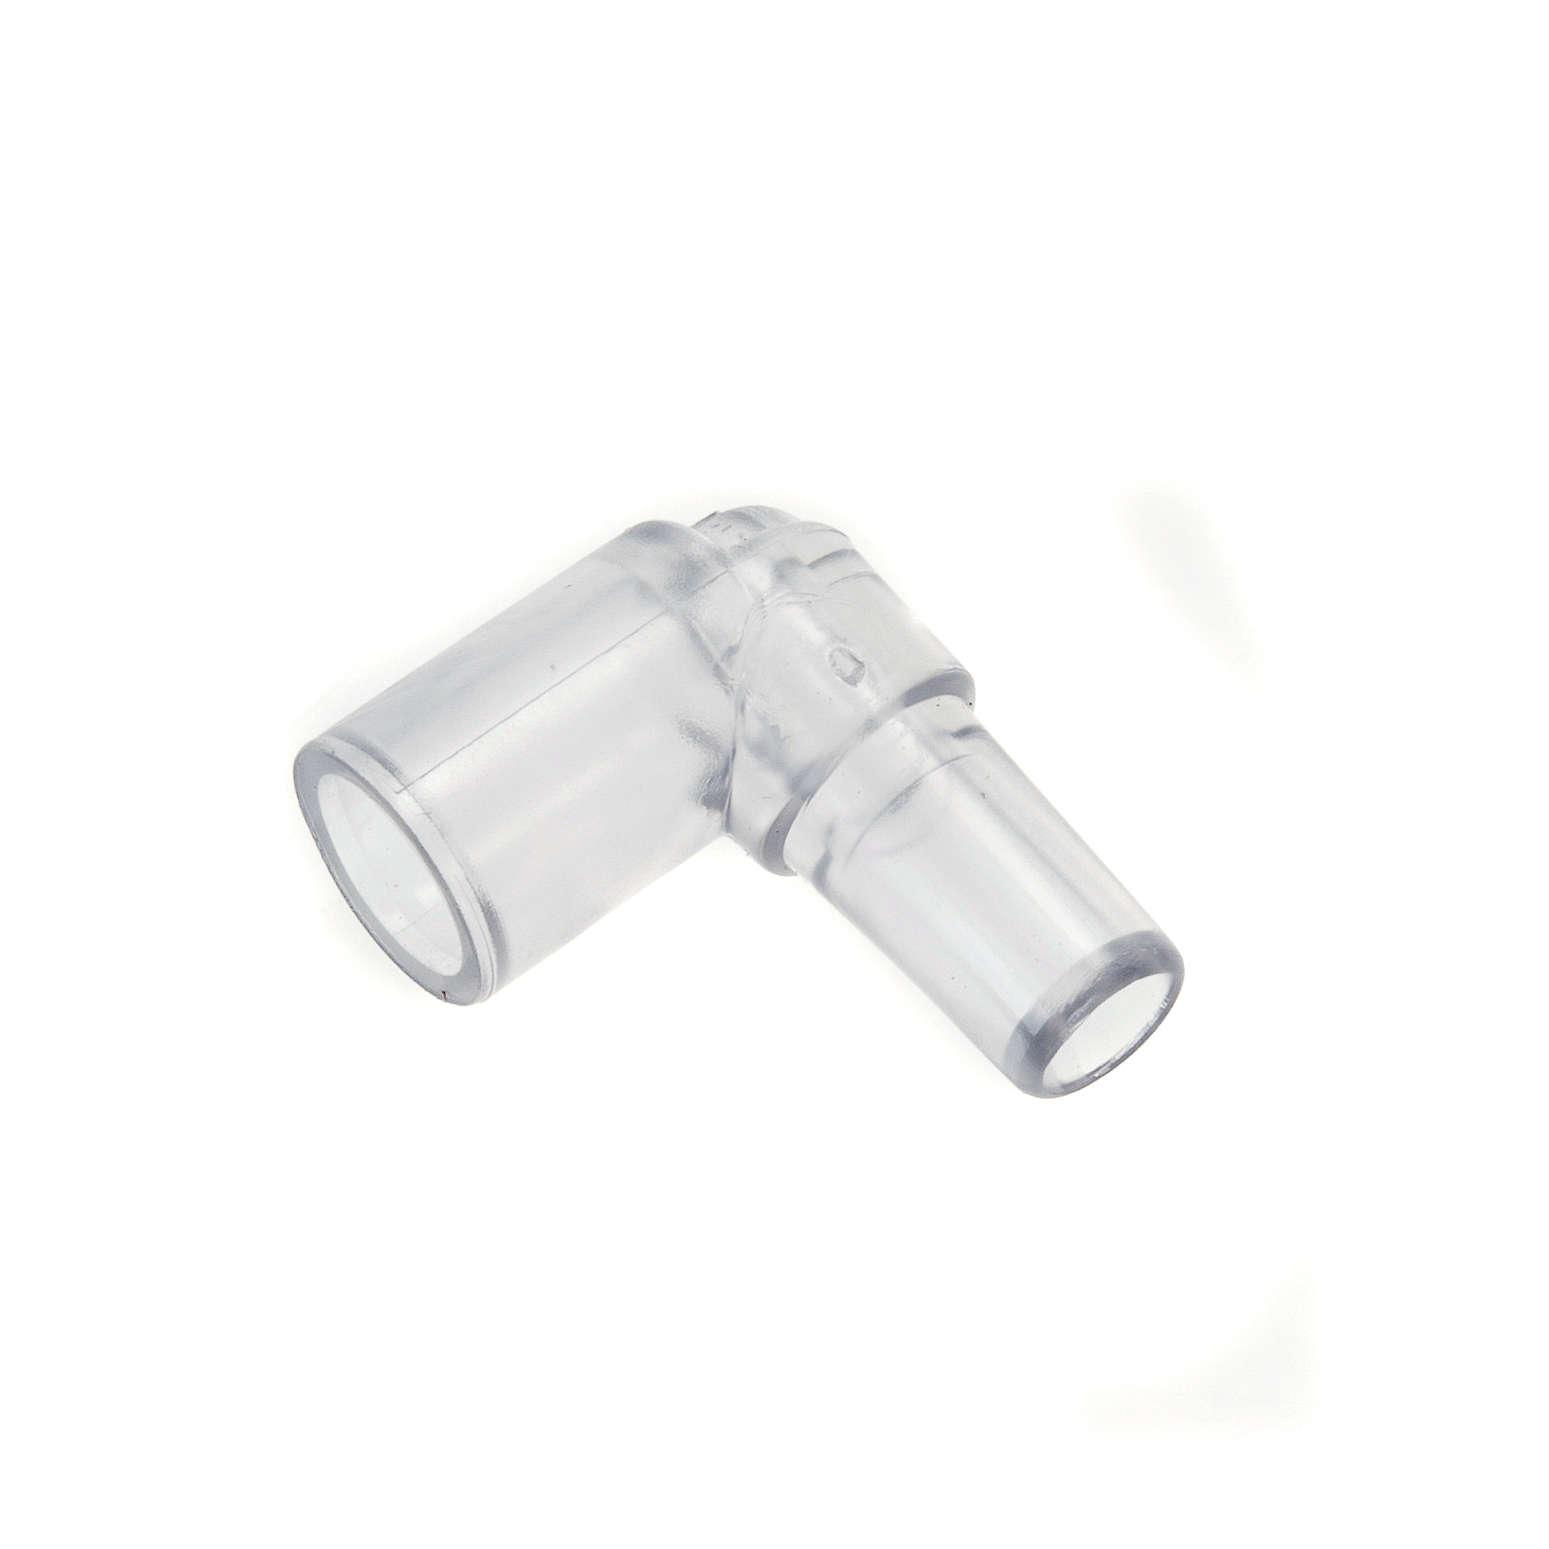 Pompa acqua presepe: raccordo per tubo a curva 4